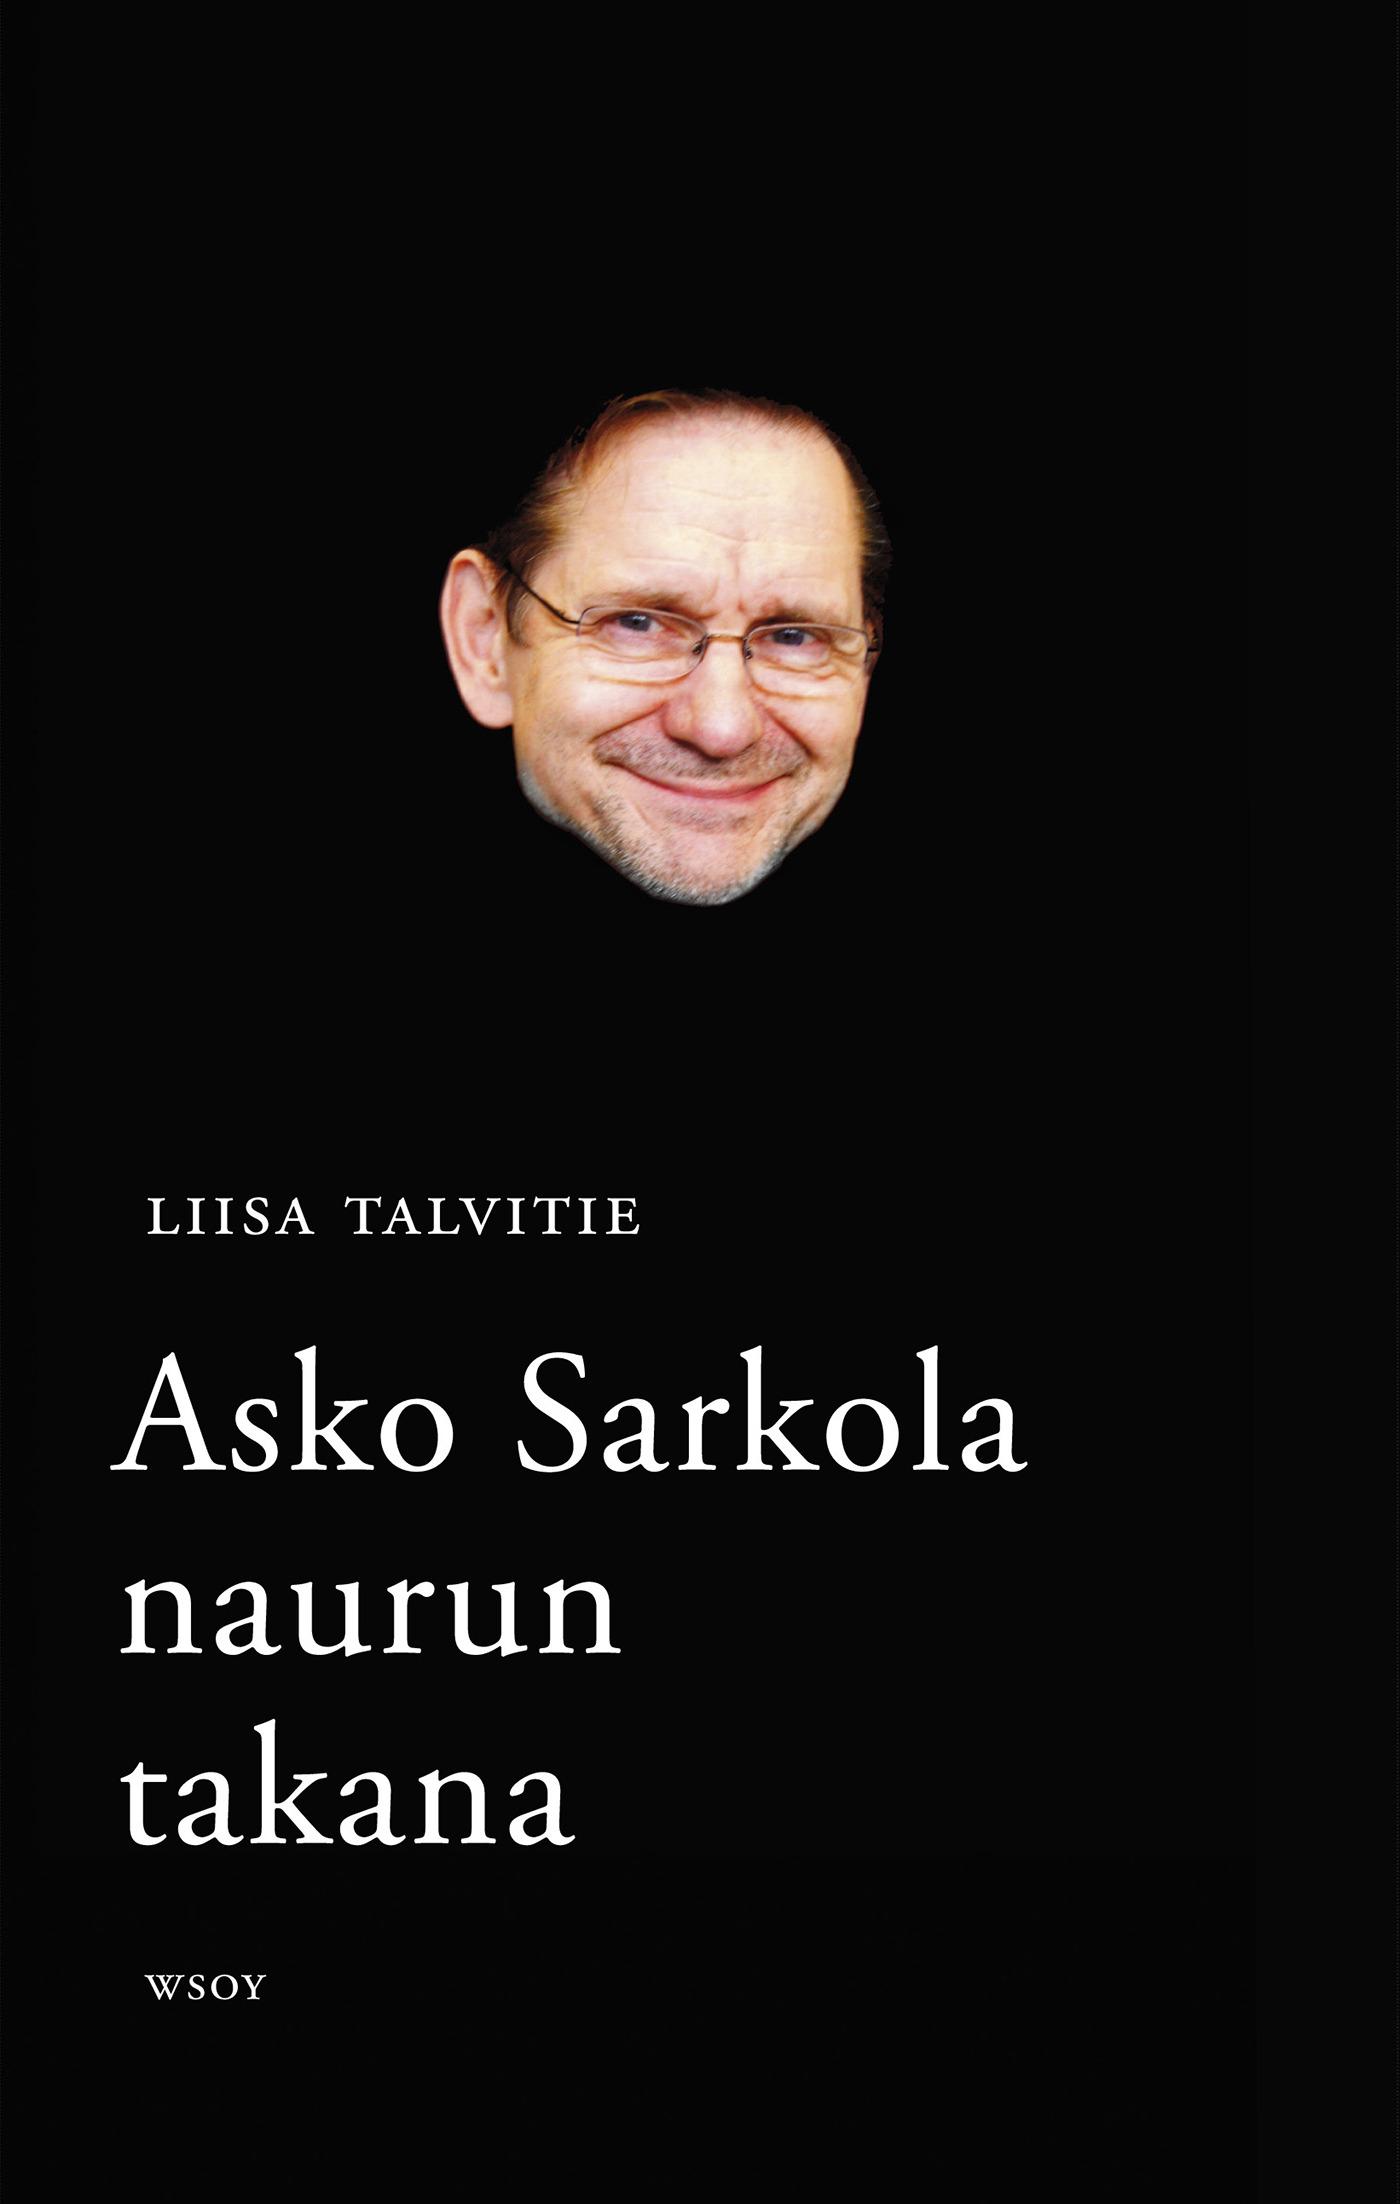 Talvitie, Liisa - Asko Sarkola: Naurun takana, e-kirja